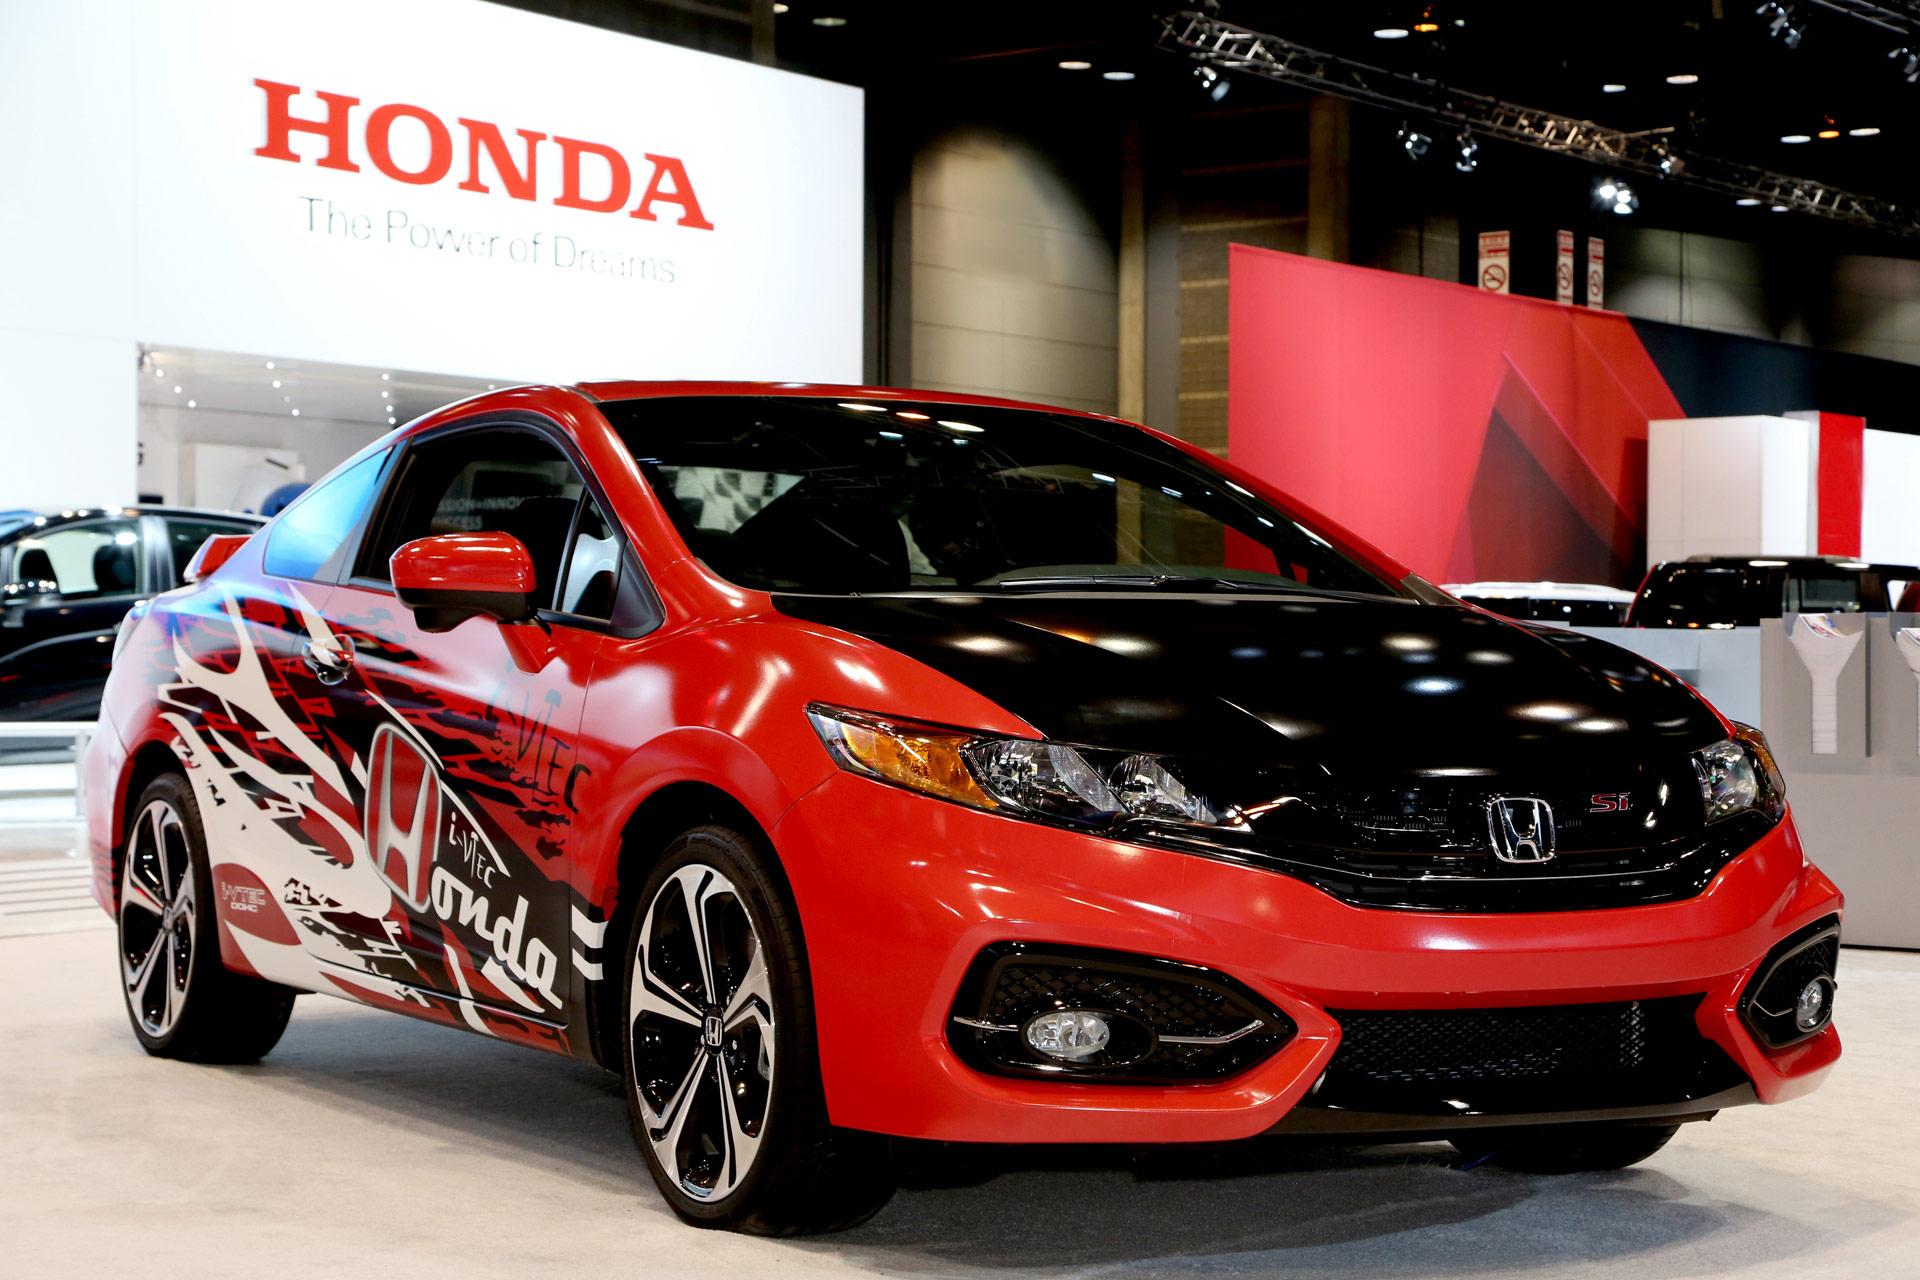 Honda Civic 2020 Honda Civic 2020 T Ironmanhelmets Us